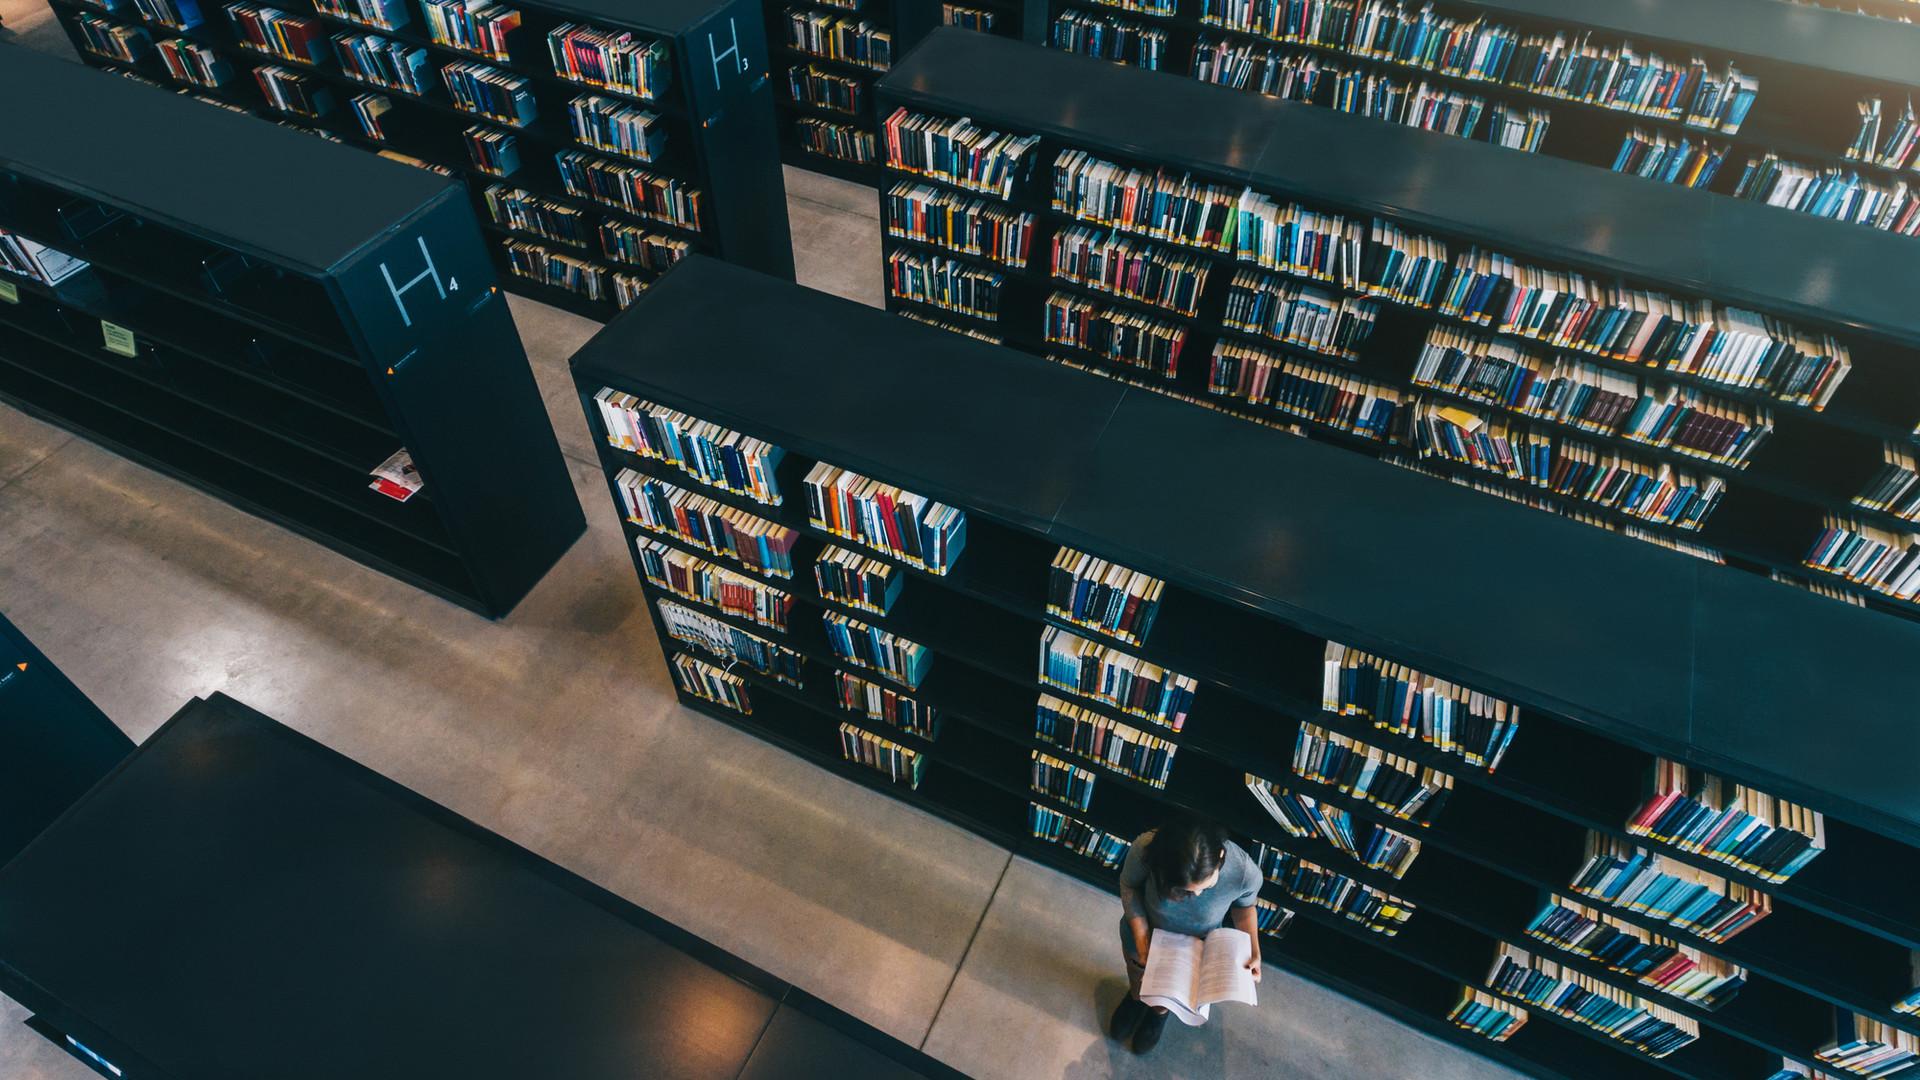 Widok z góry biblioteki